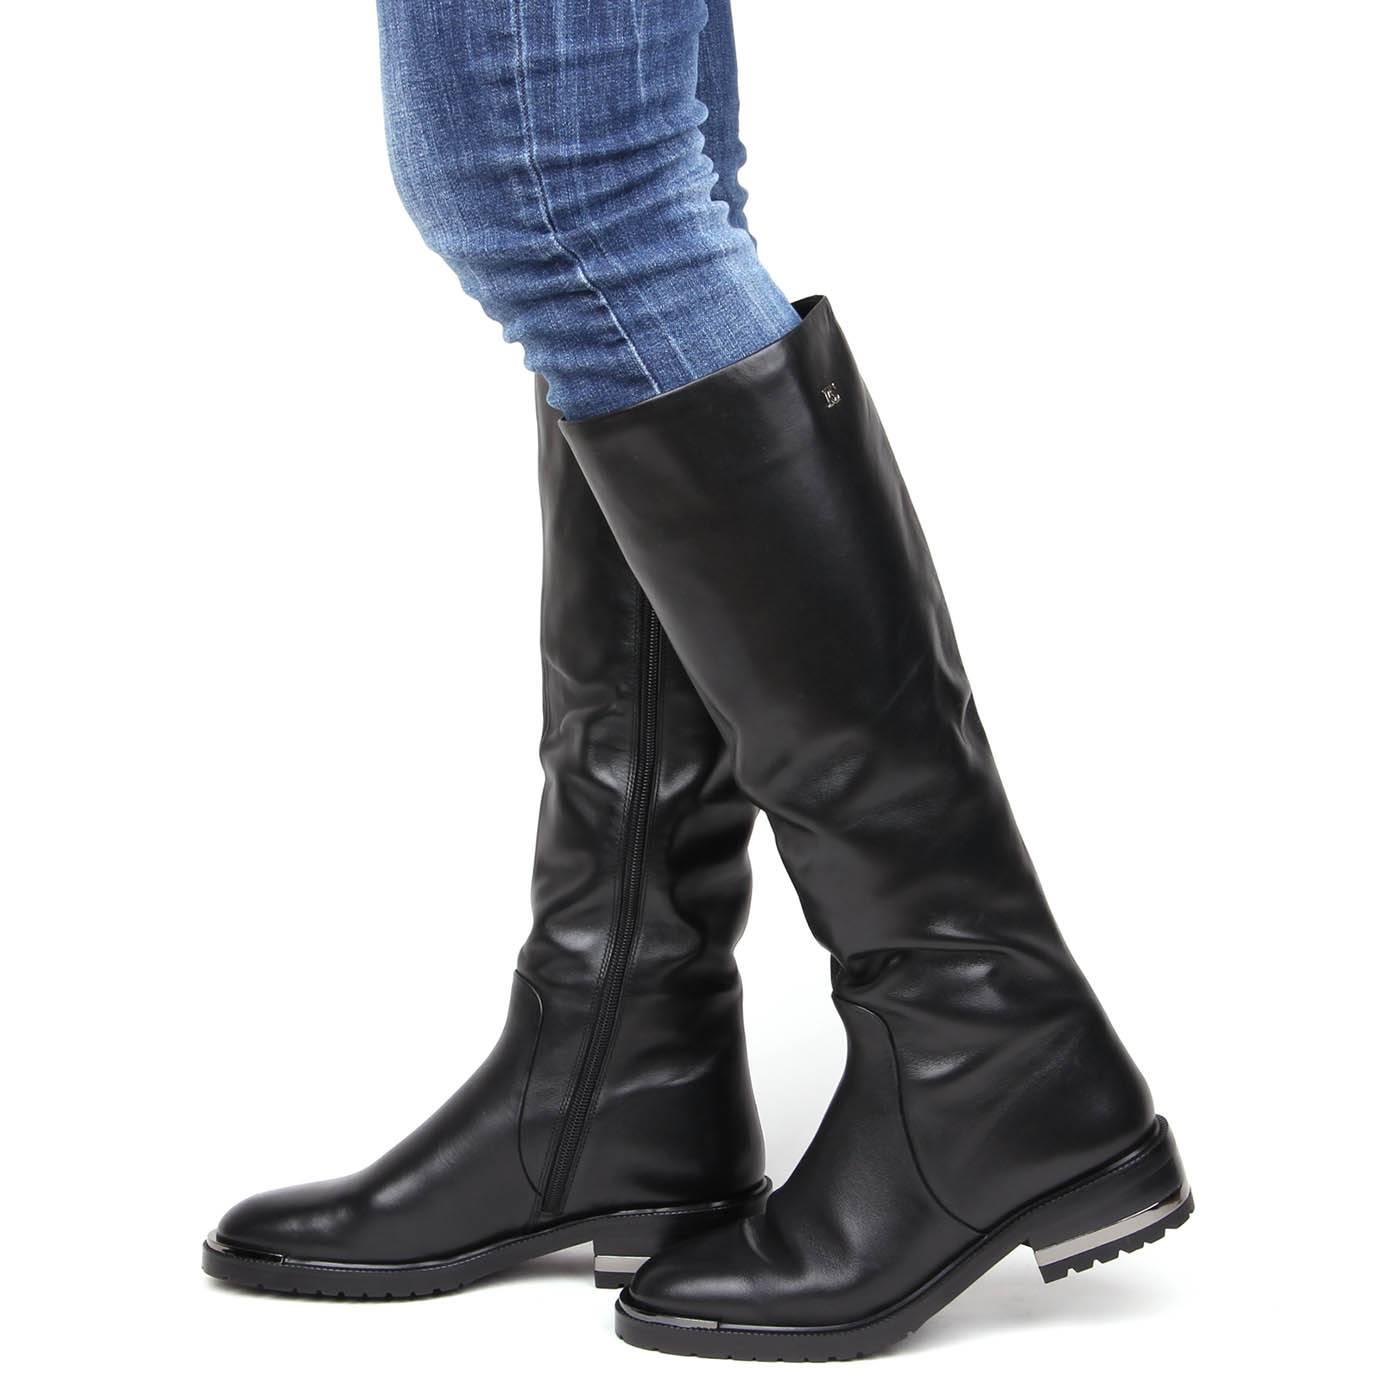 Чоботи жіночі Basconi 5997 Чорний купить по выгодной цене в интернет ... 9c900f8328673